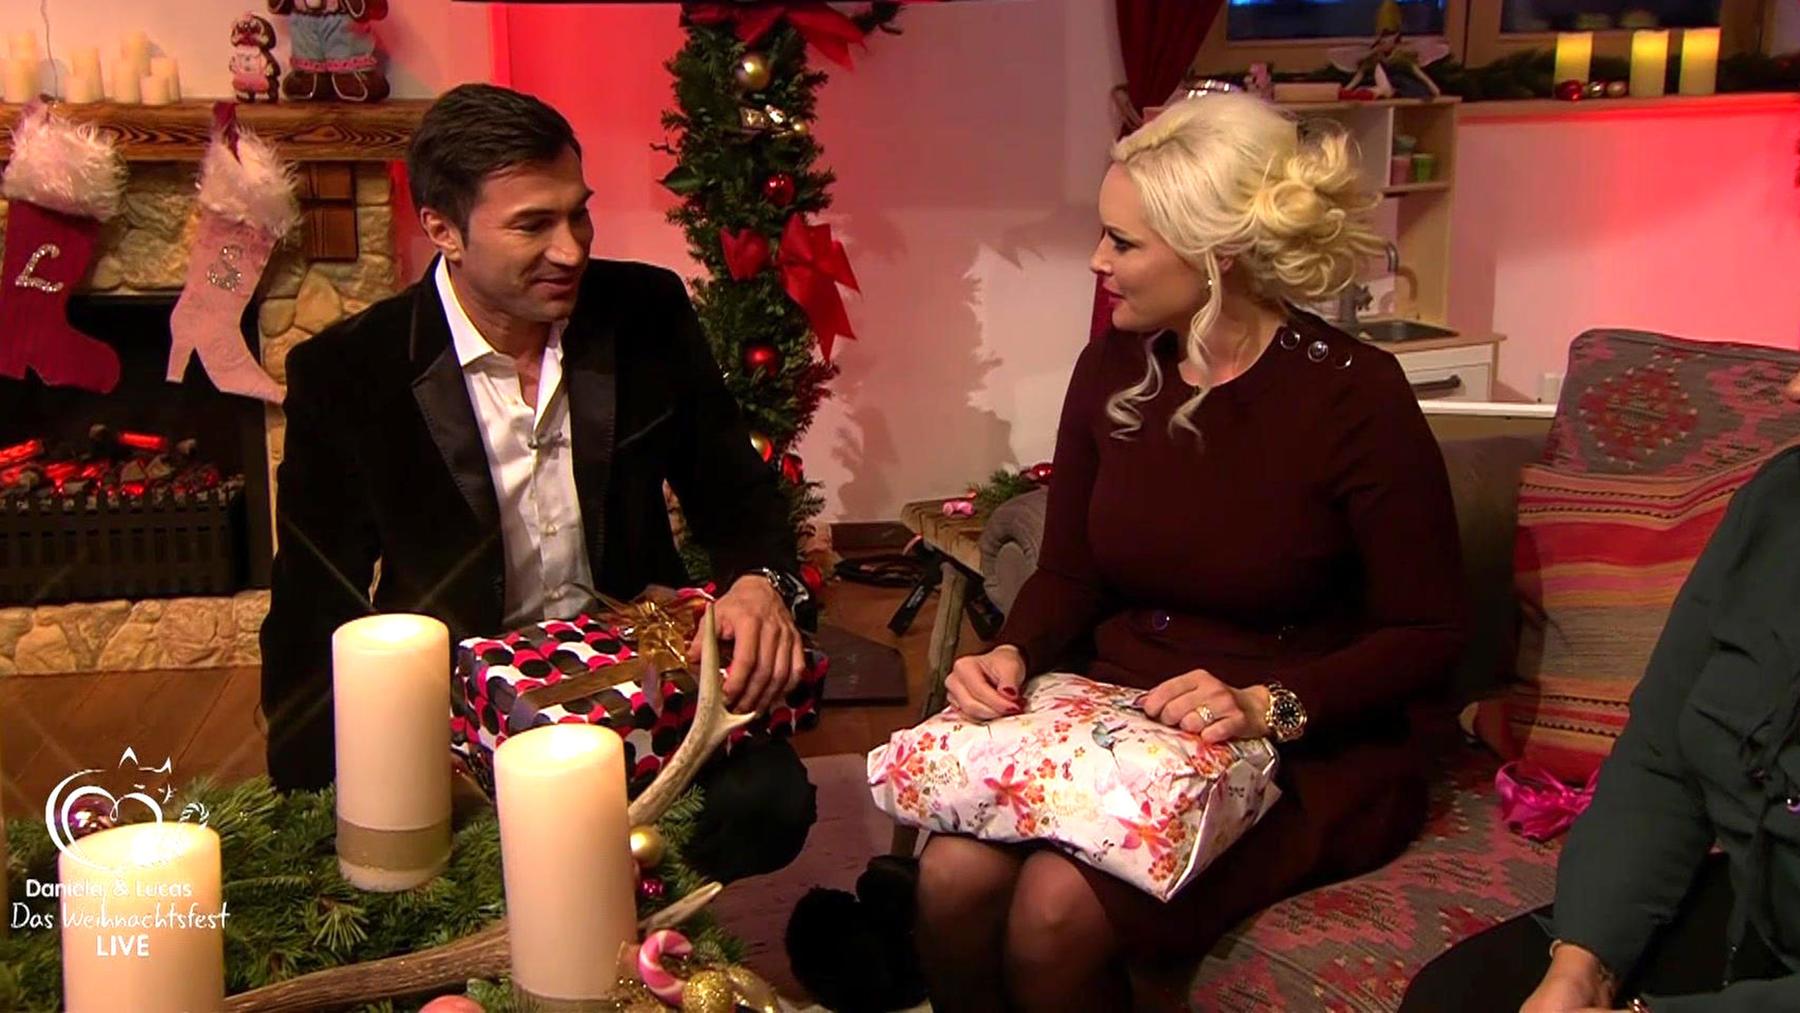 Daniela und Lucas - Das Weihnachtsfest LIVE